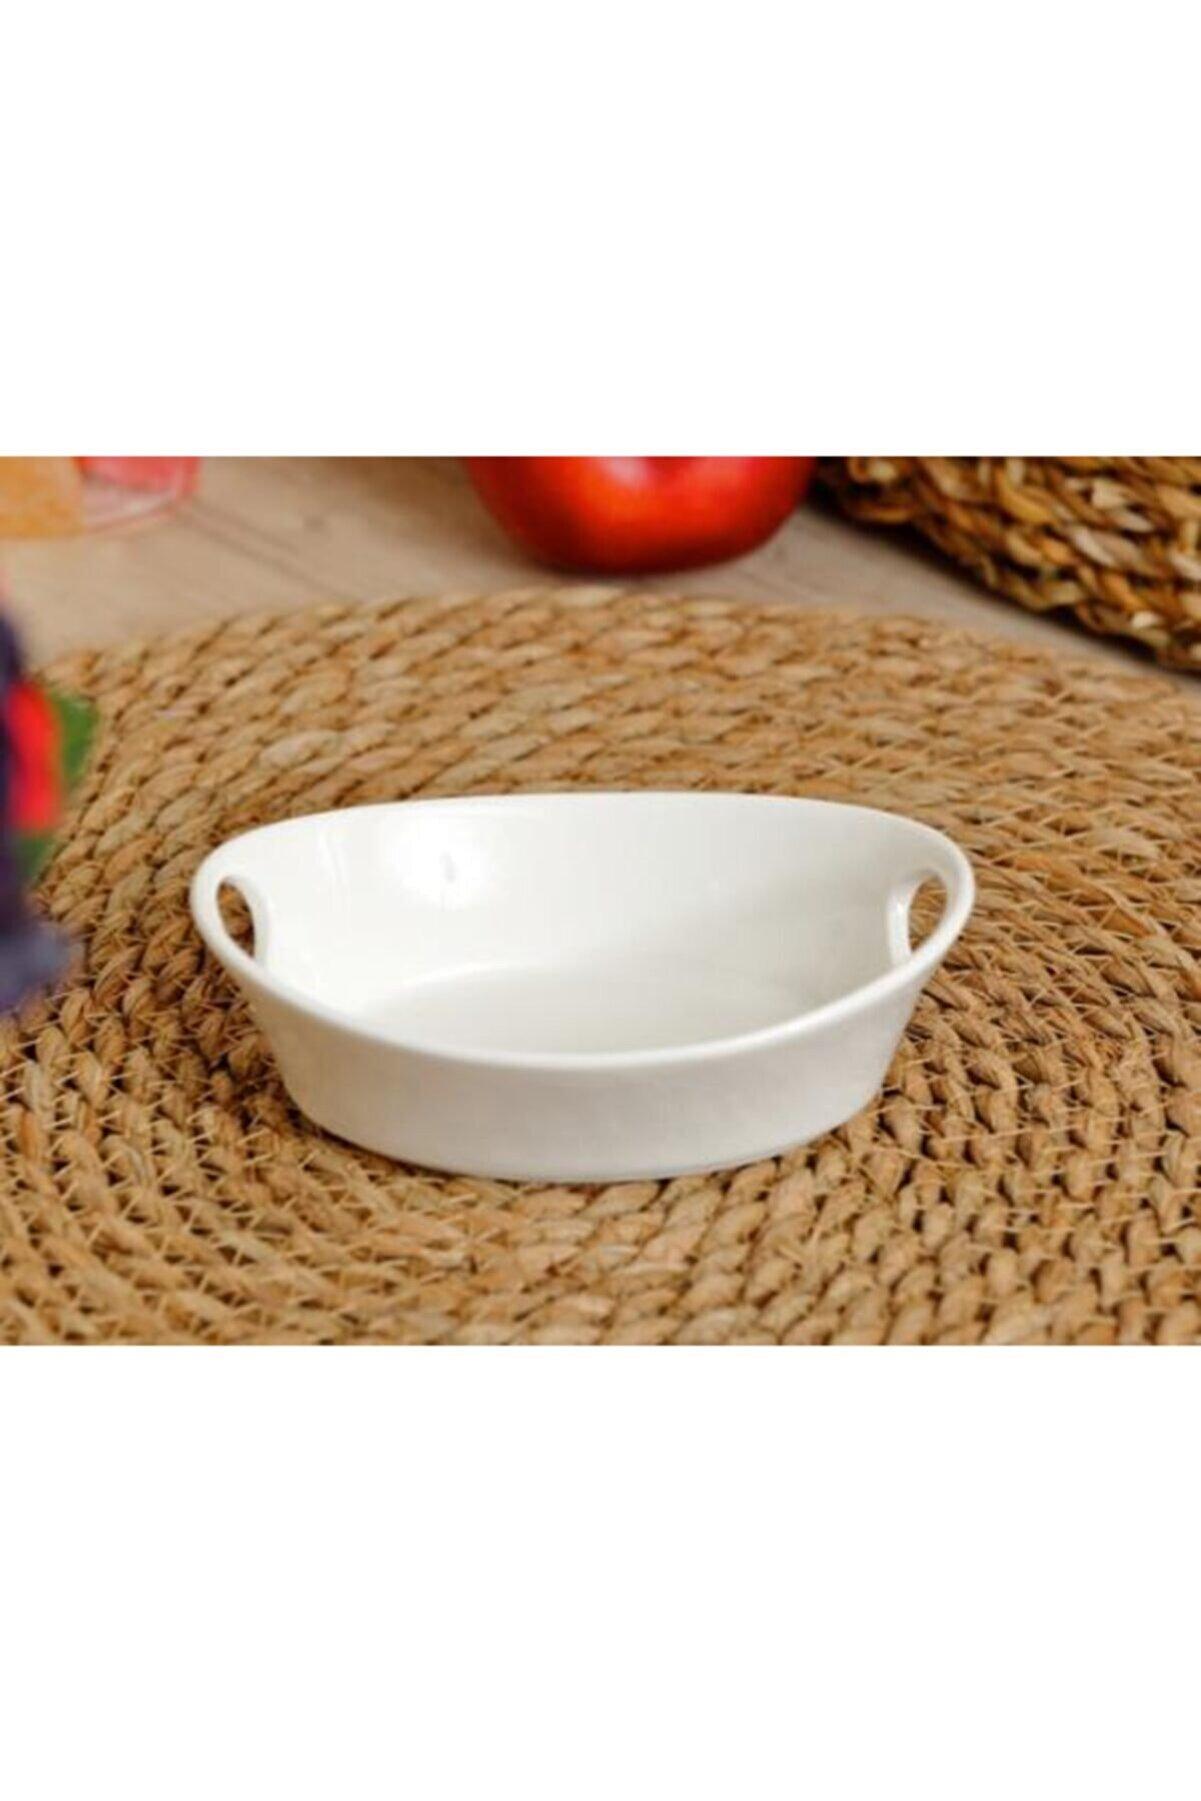 AROW Pure Porselen Derin Kayık Kase 2144